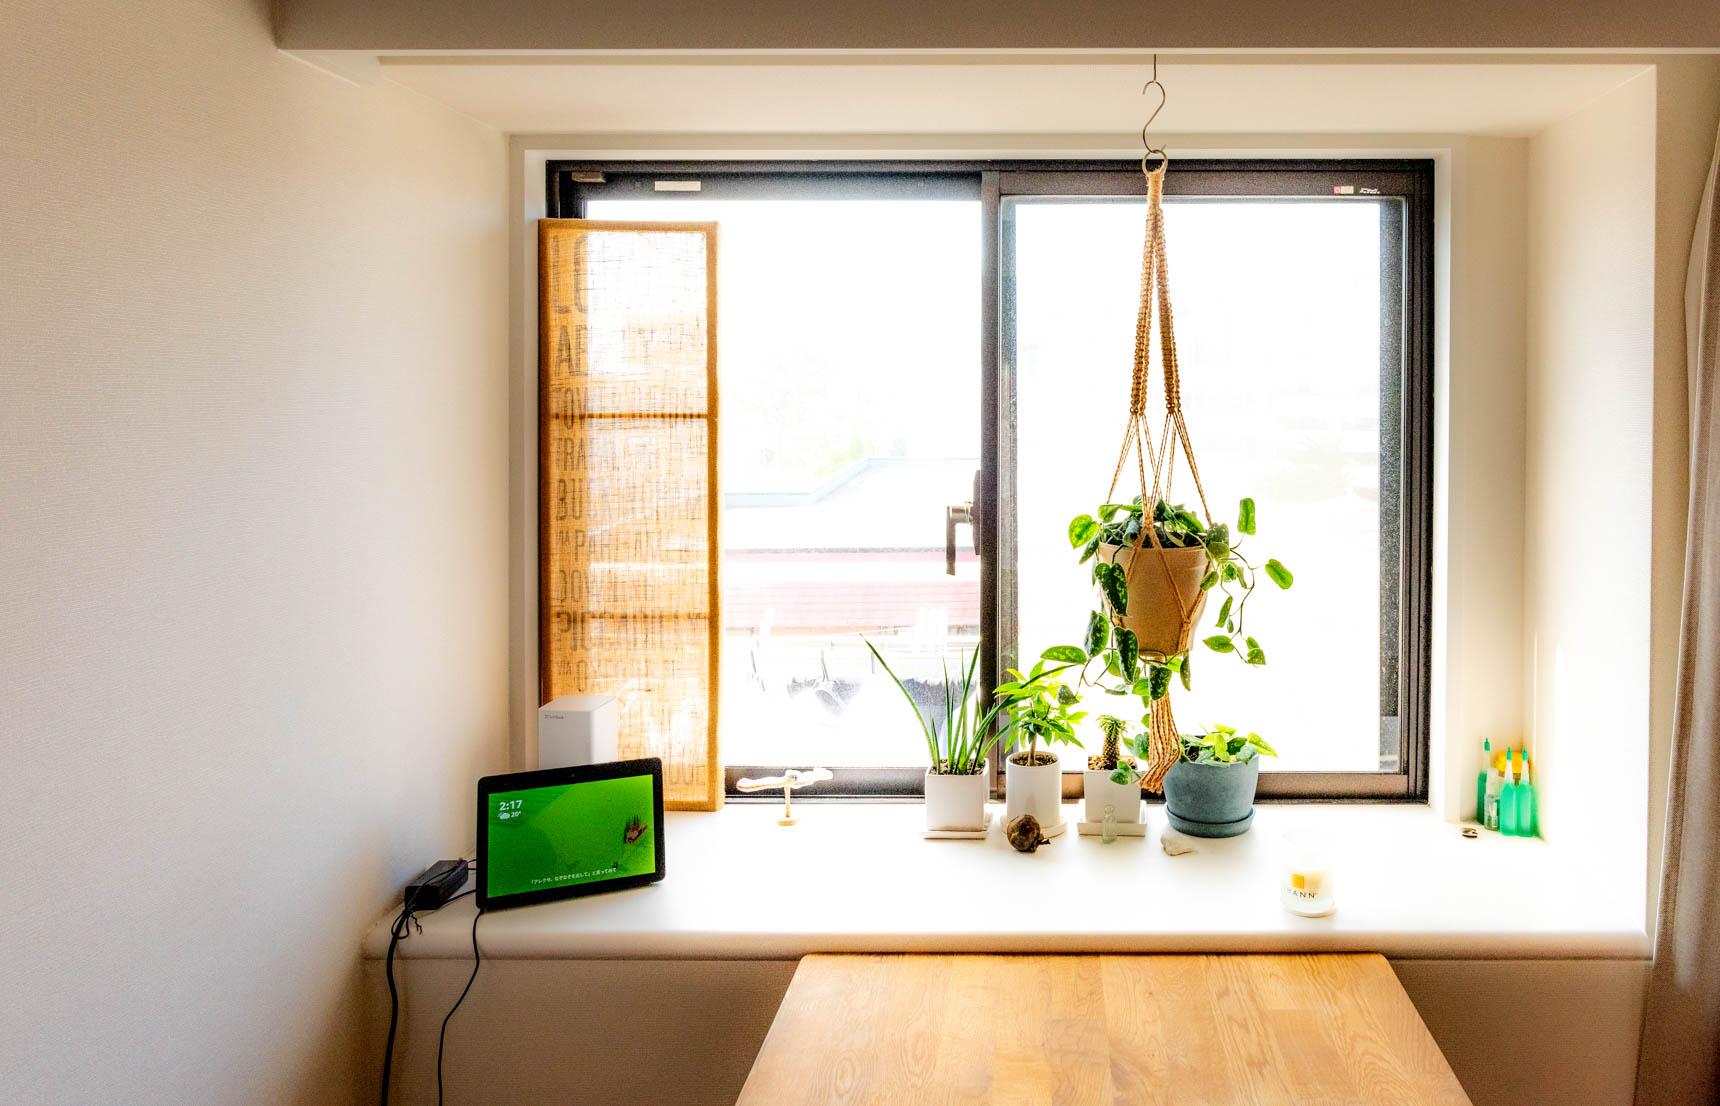 キッチンの真向かい、ちょっと変わった位置にある出窓。広い縁があるそこをすてきに使っている。ここにもグリーンがたくさん。